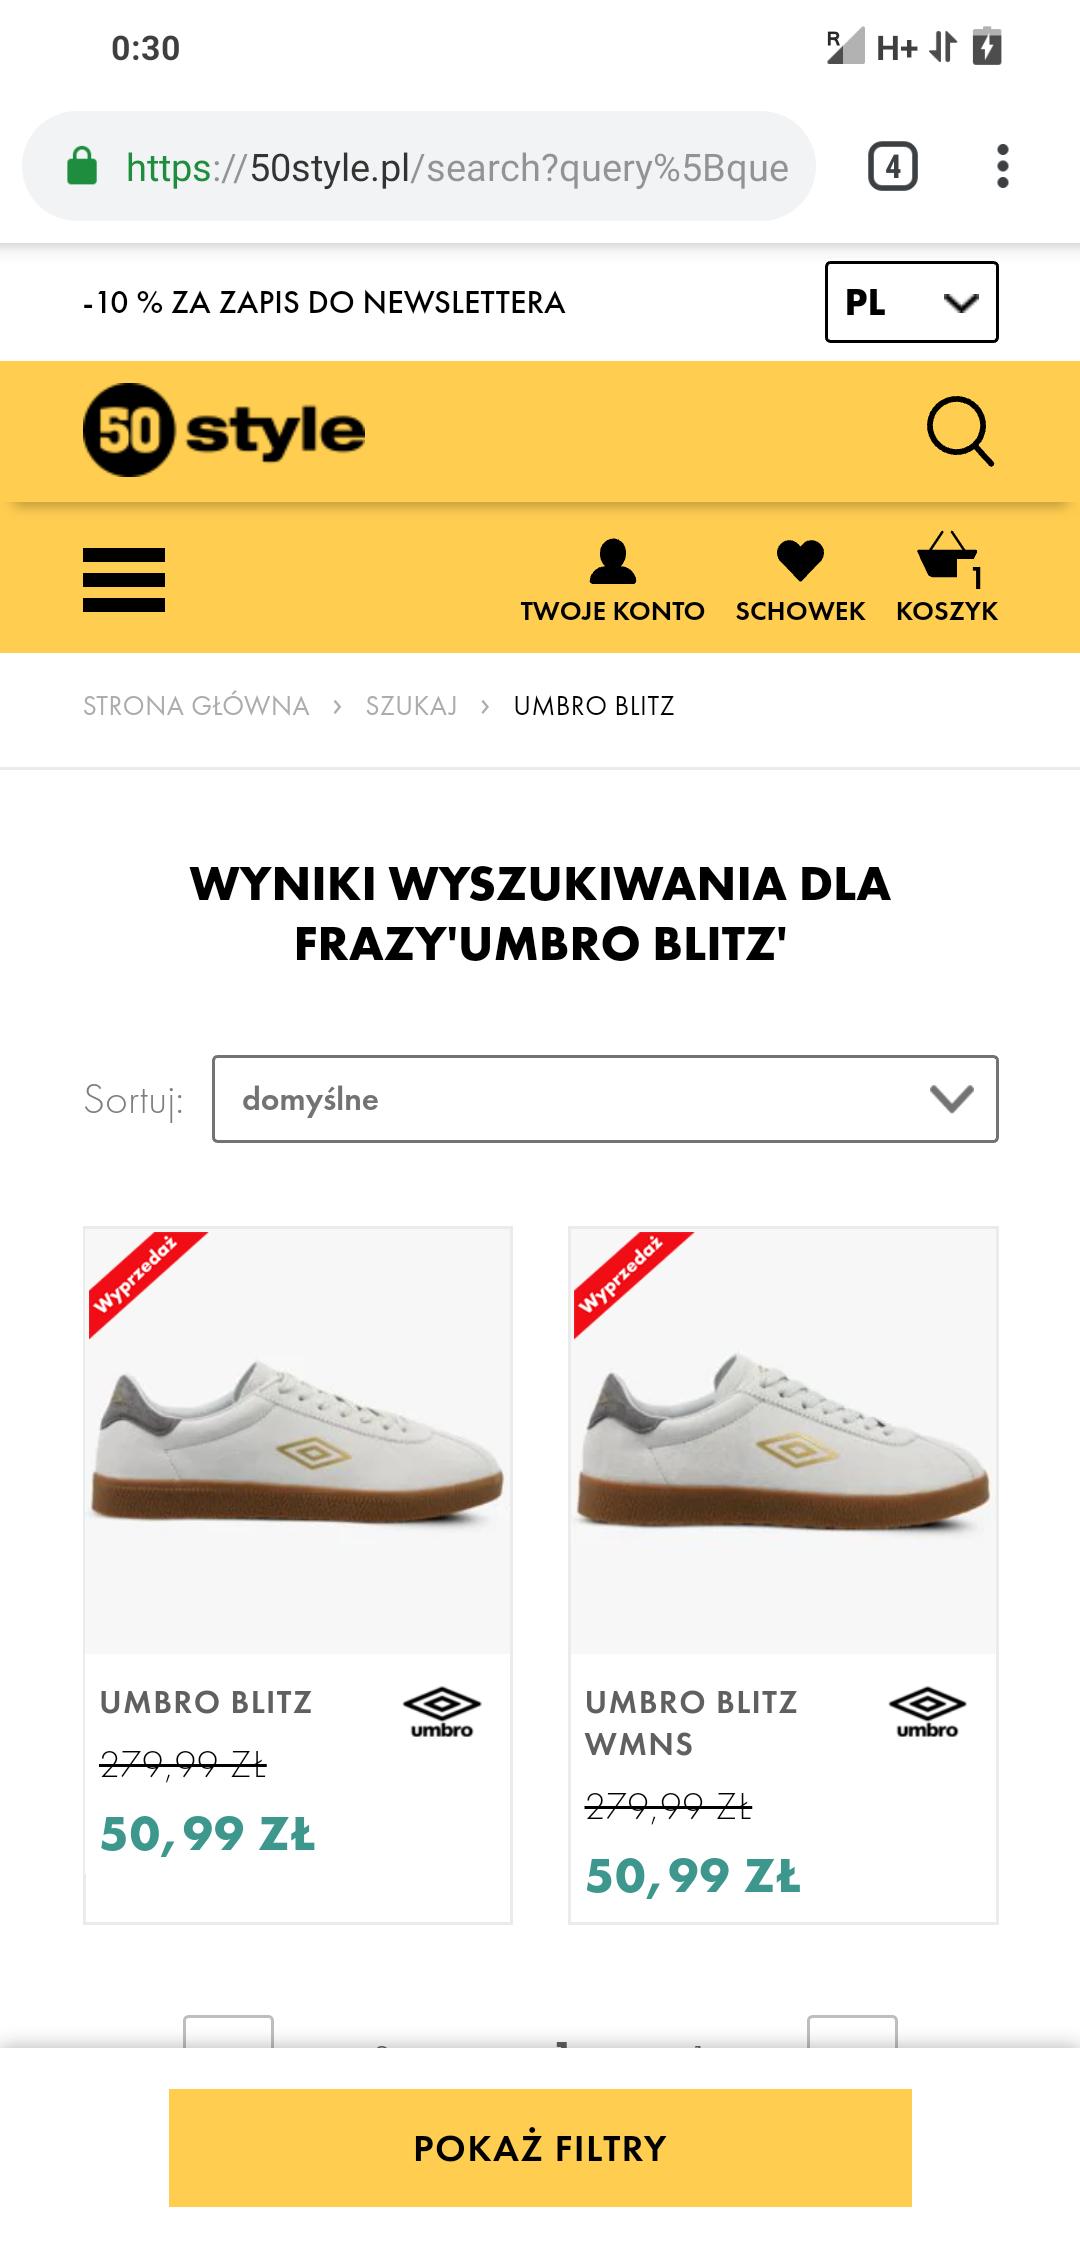 Umbro Blitz buty męskie (44) i damskie (36, 37, 38)